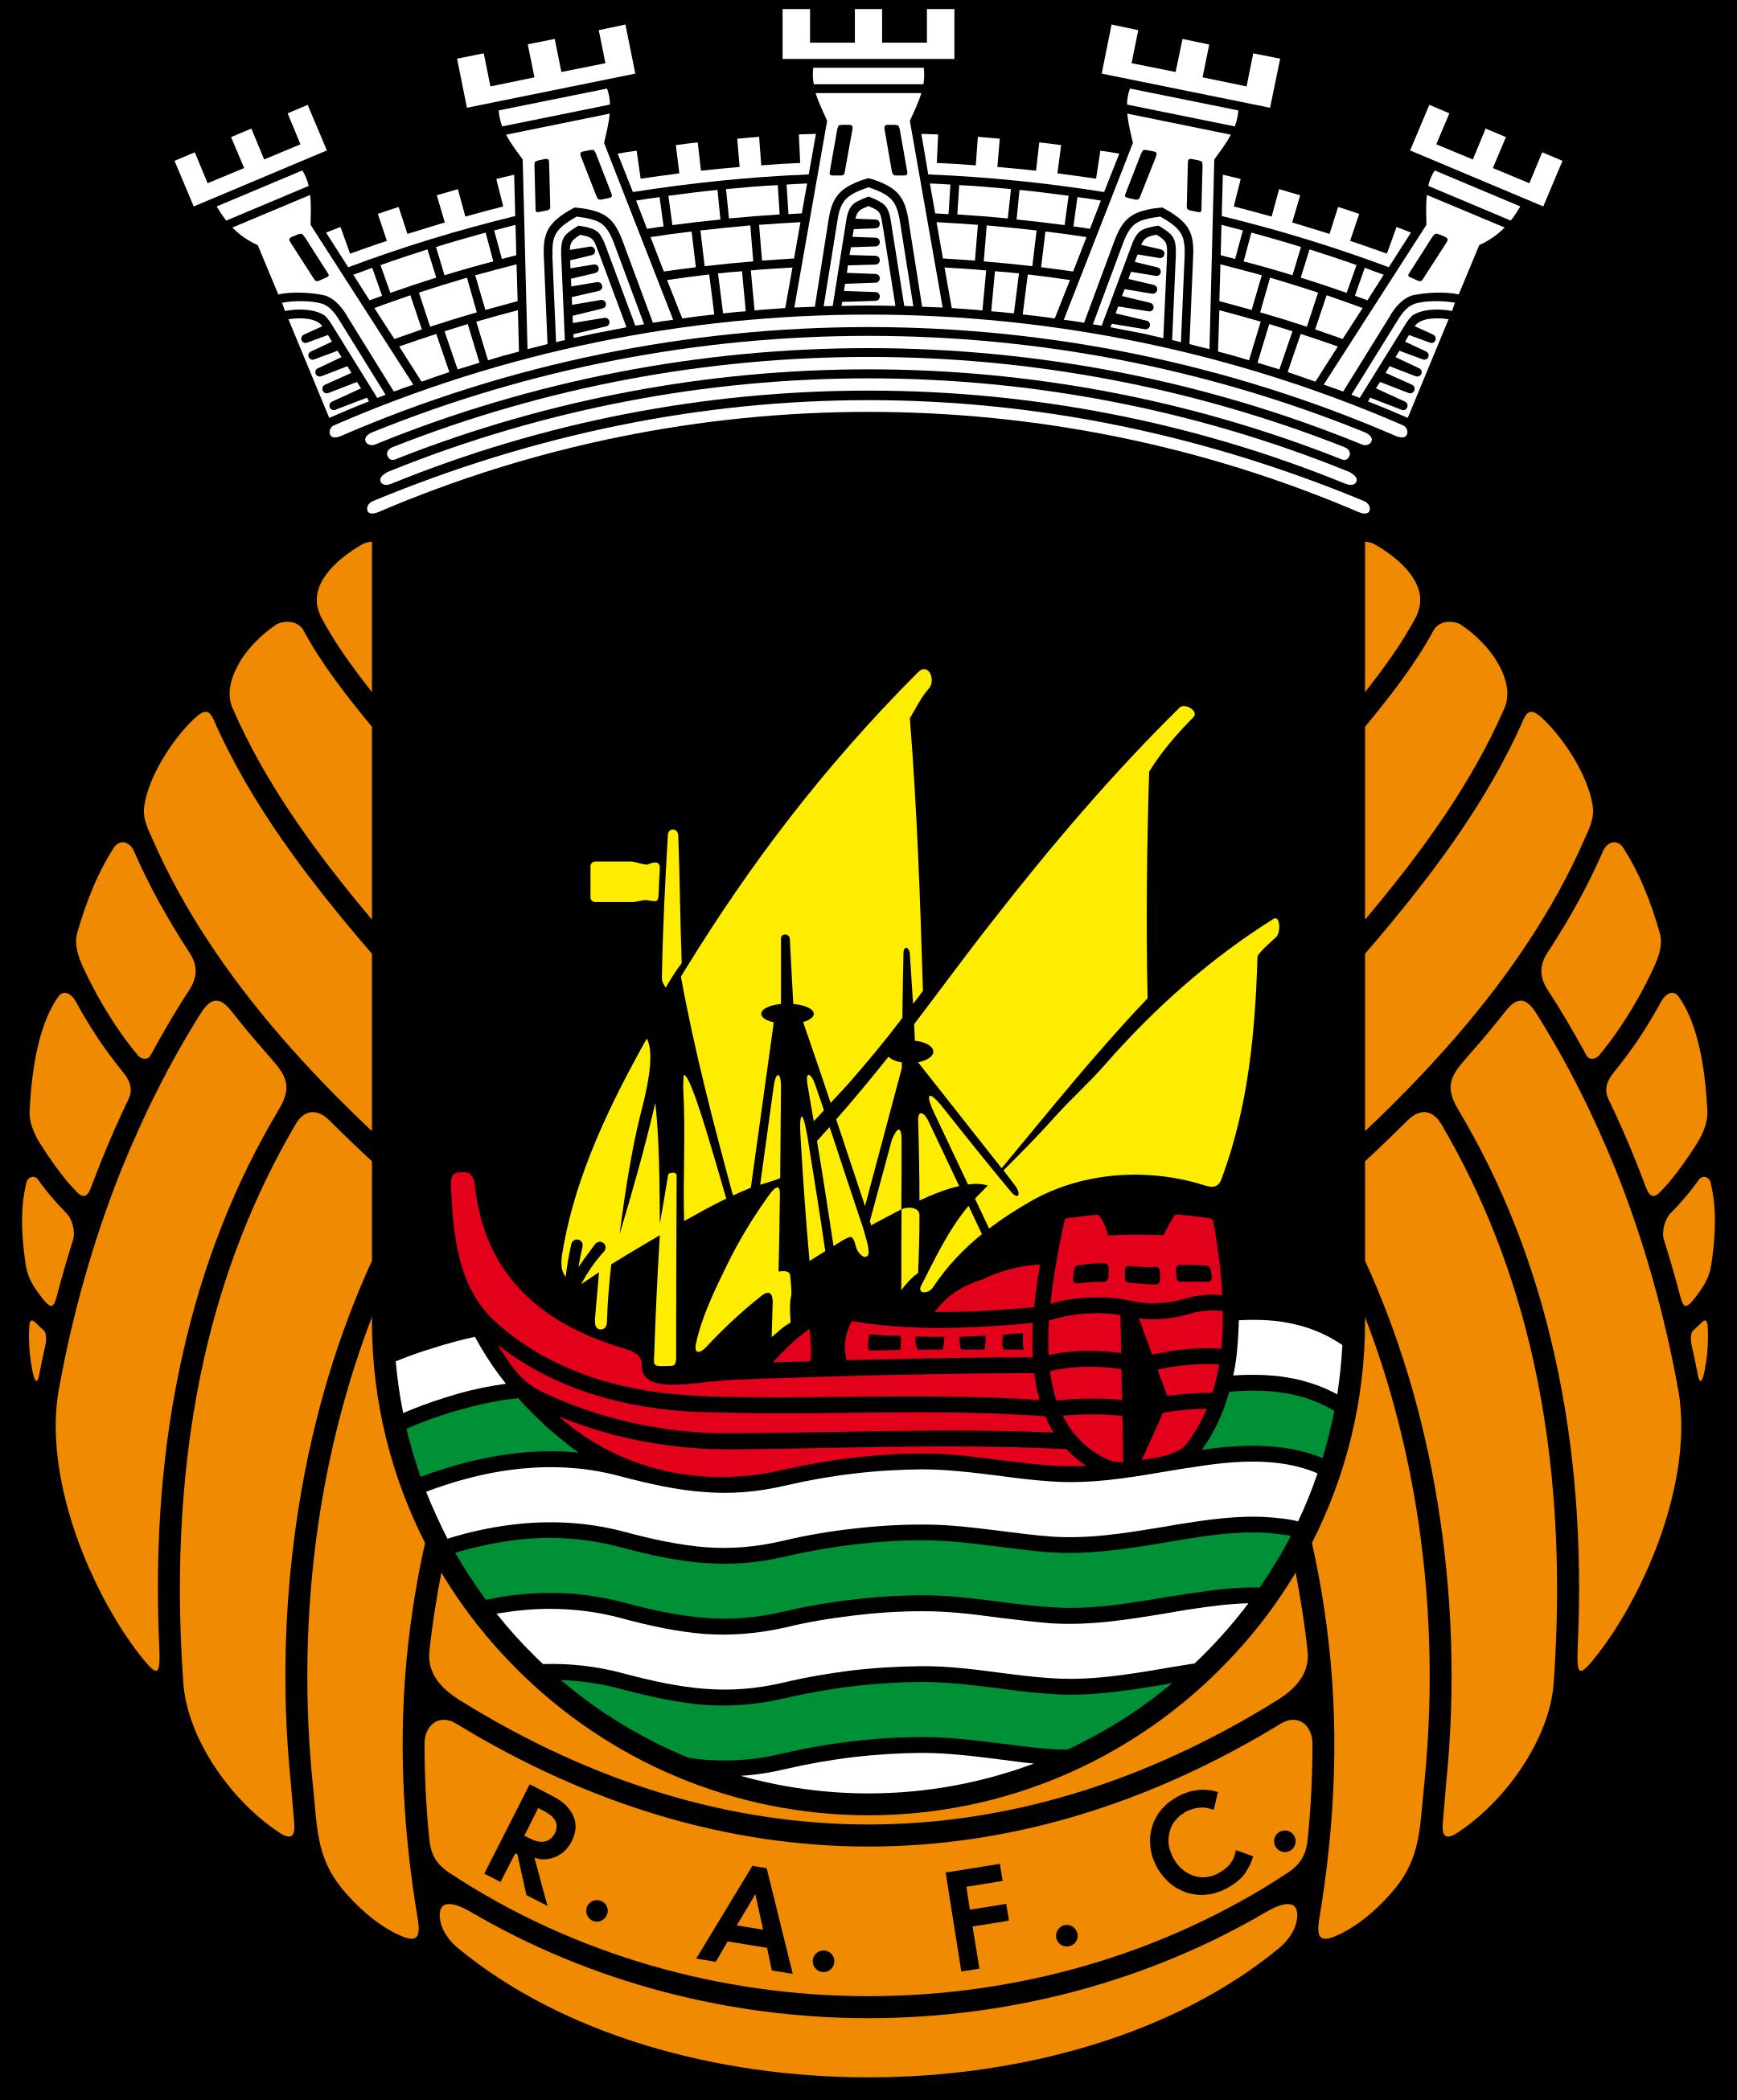 rio ave fc logo 1 - Rio Ave FC Logo